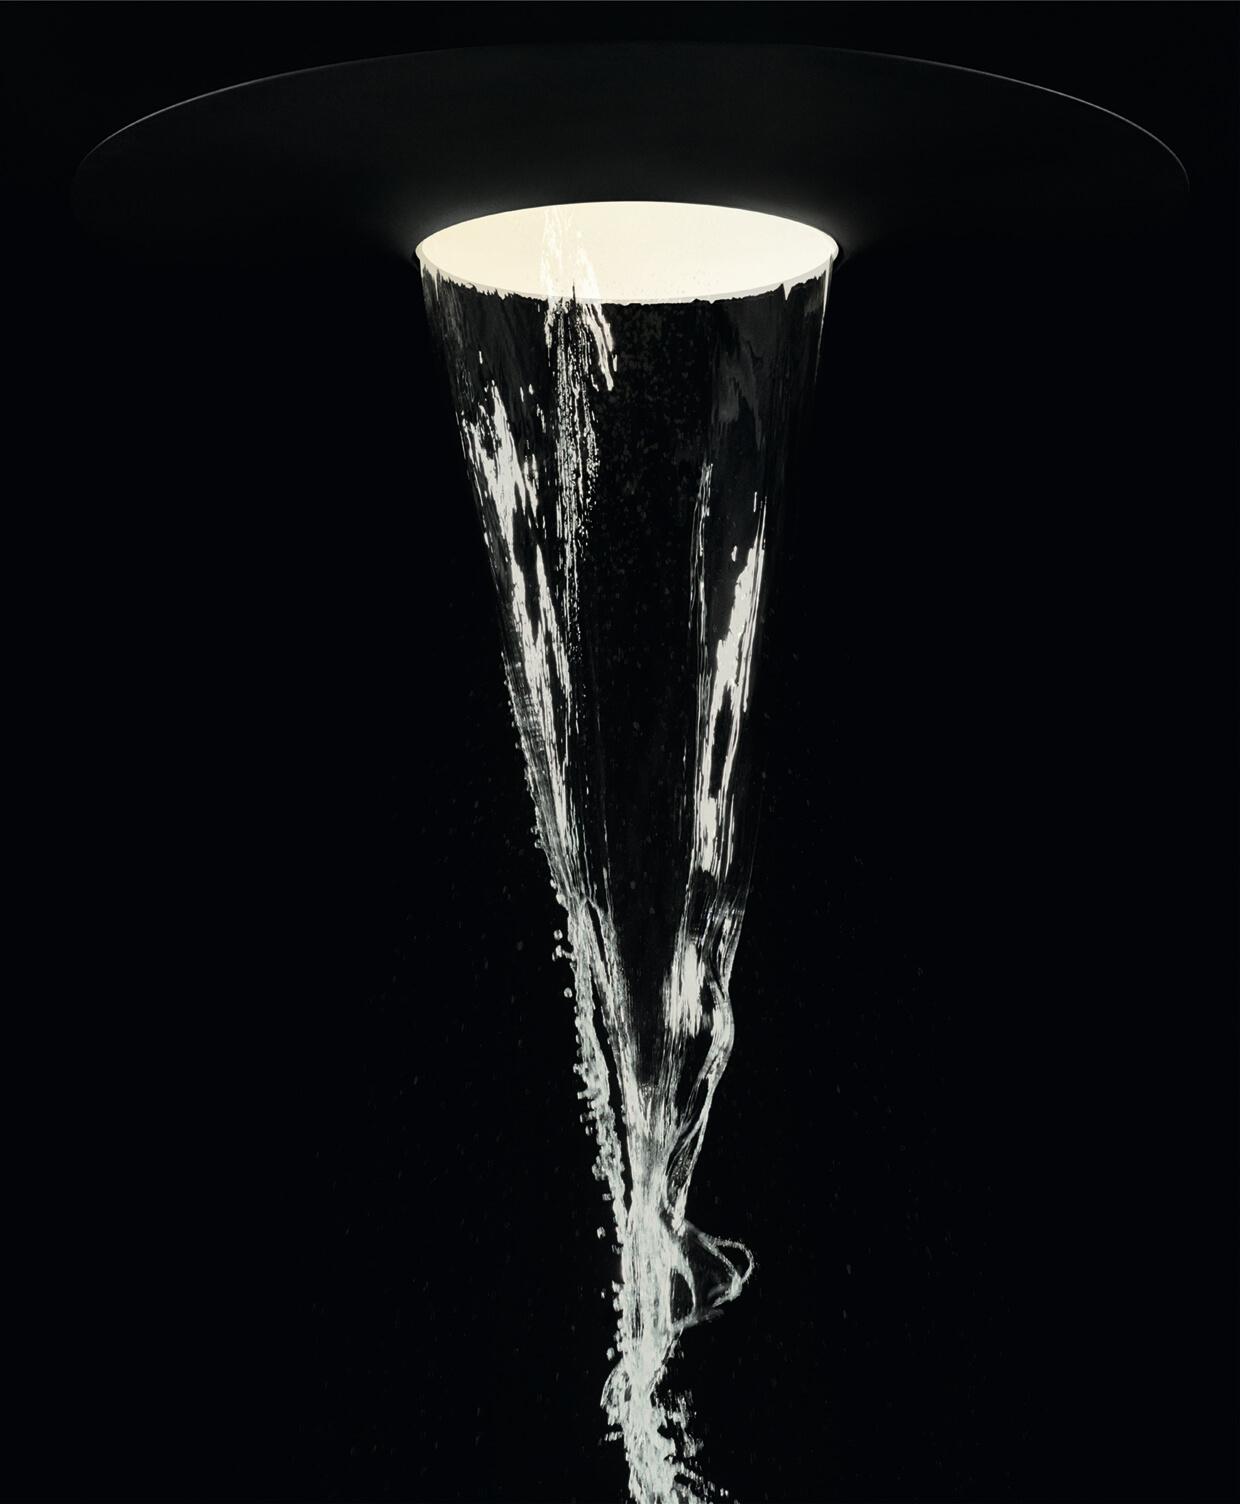 Wasser, Licht, Energie – Aquamoon ist eine hoch individuelle Duscherfahrung in neuer Dimension. Die Spa-Anwendung verkörpert die nächste Ebene im Dornbracht LifeSpa und ermöglicht eine bisher ungekannte Begegnung mit dem Element Wasser: Vier neu entwickelte Strahlarten und faszinierende Lichtszenarien verbinden sich zu einem emotionalen Wassererlebnis, das neue Lebensenergie spenden kann: Queen's Collar Embrace Aqua Circle Tempest